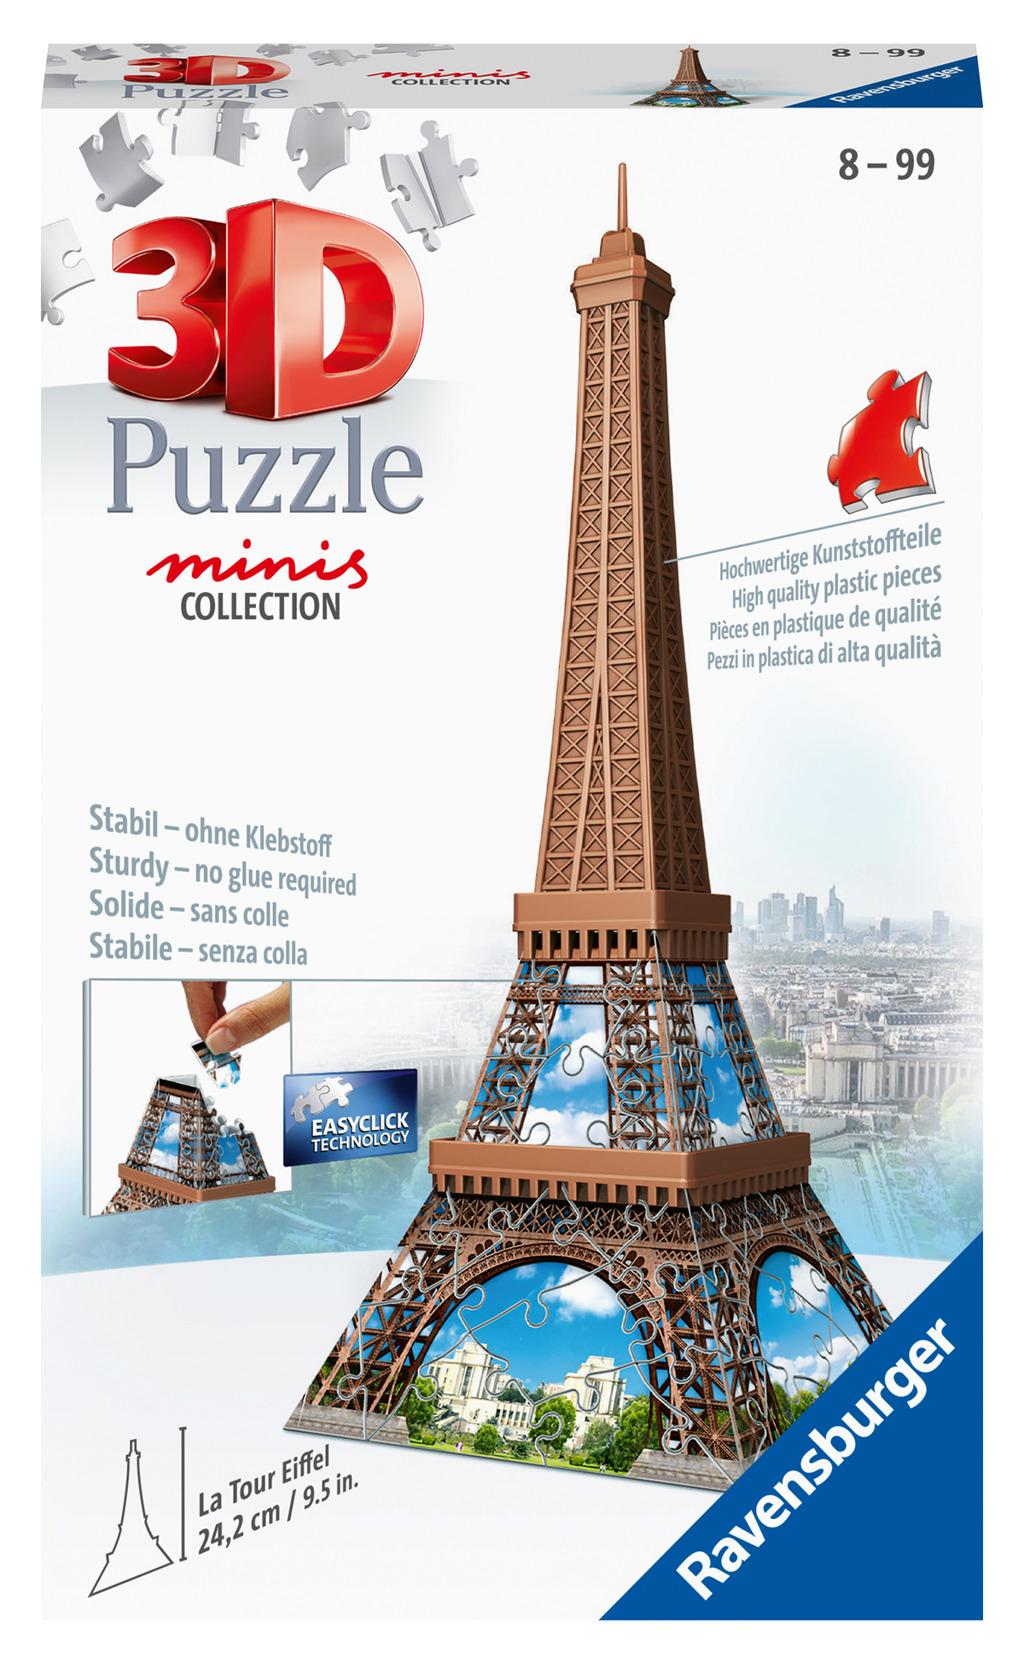 Ravensburger Puzzle 3D Mini budova - Eiffelova věž - položka 54 dílků